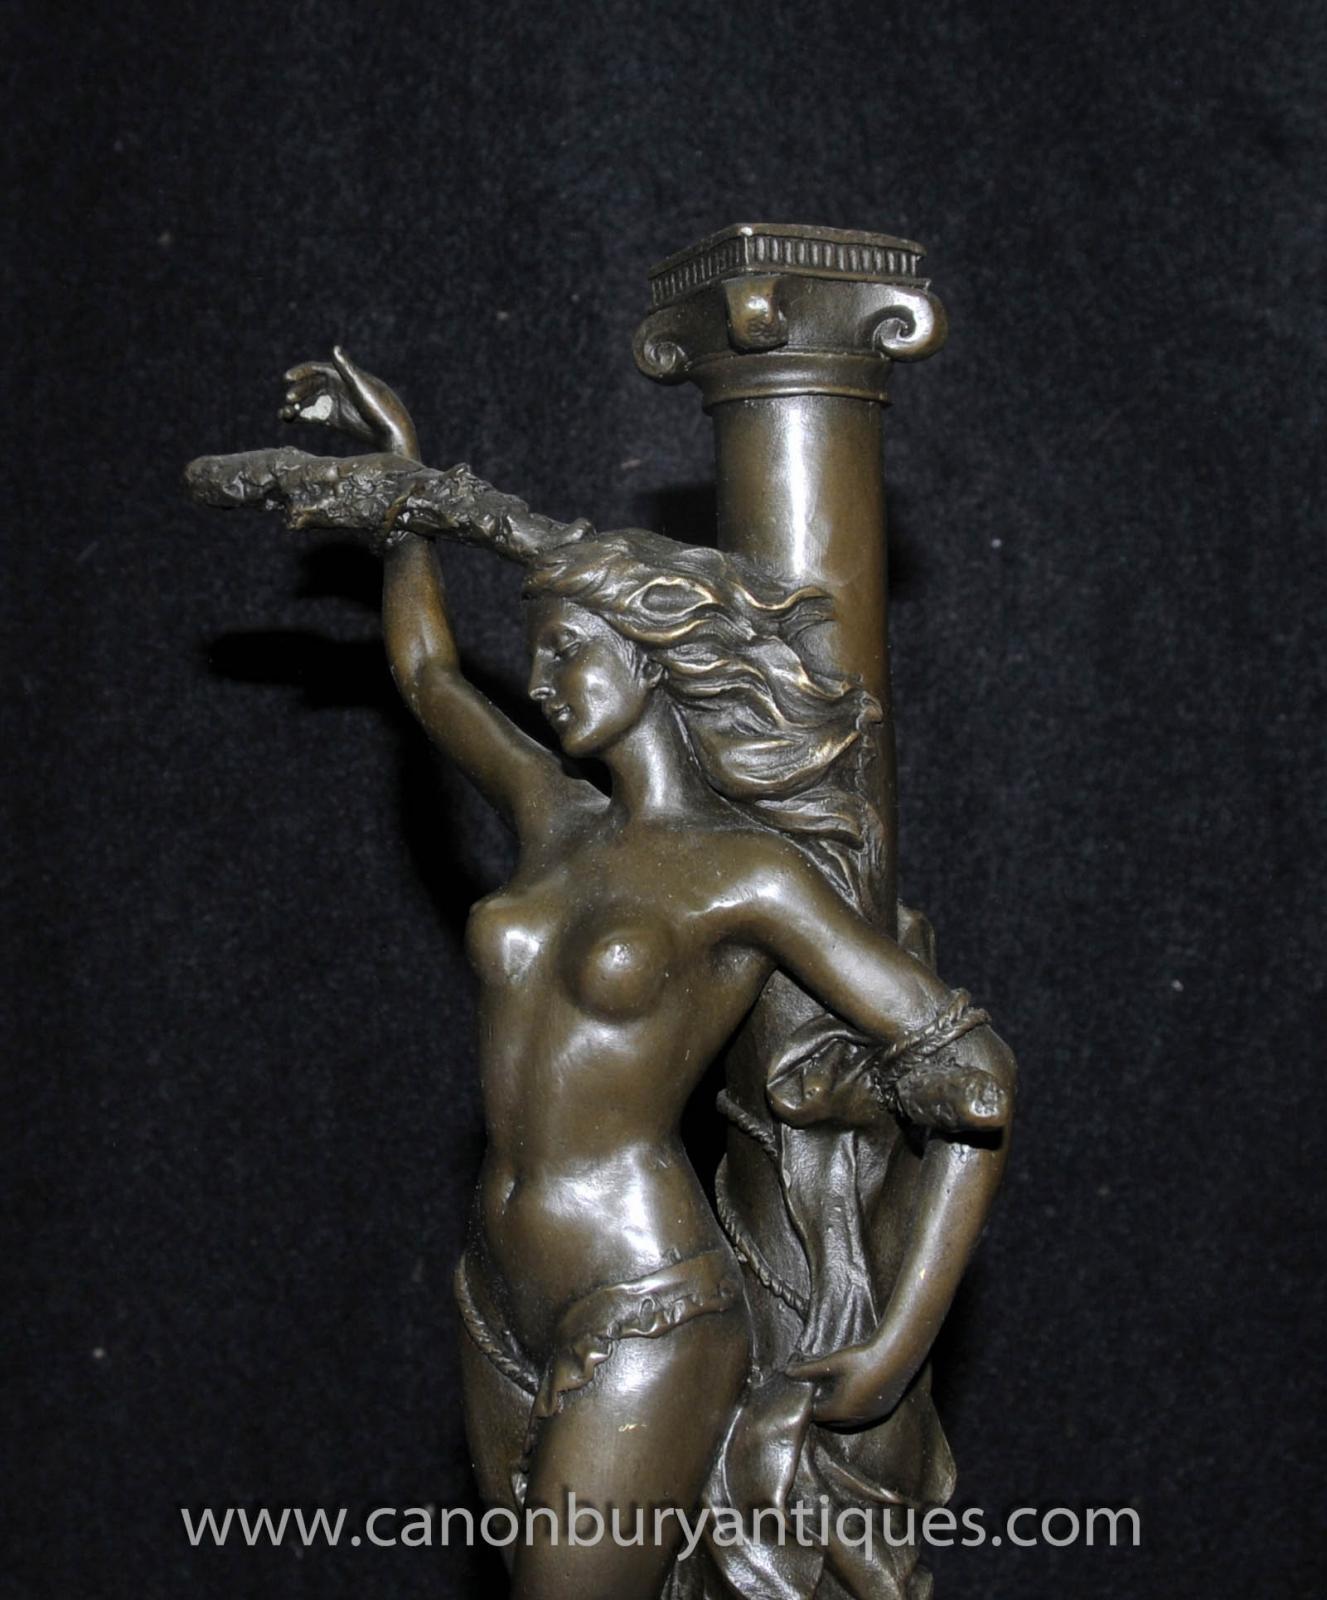 Joan of arc nude